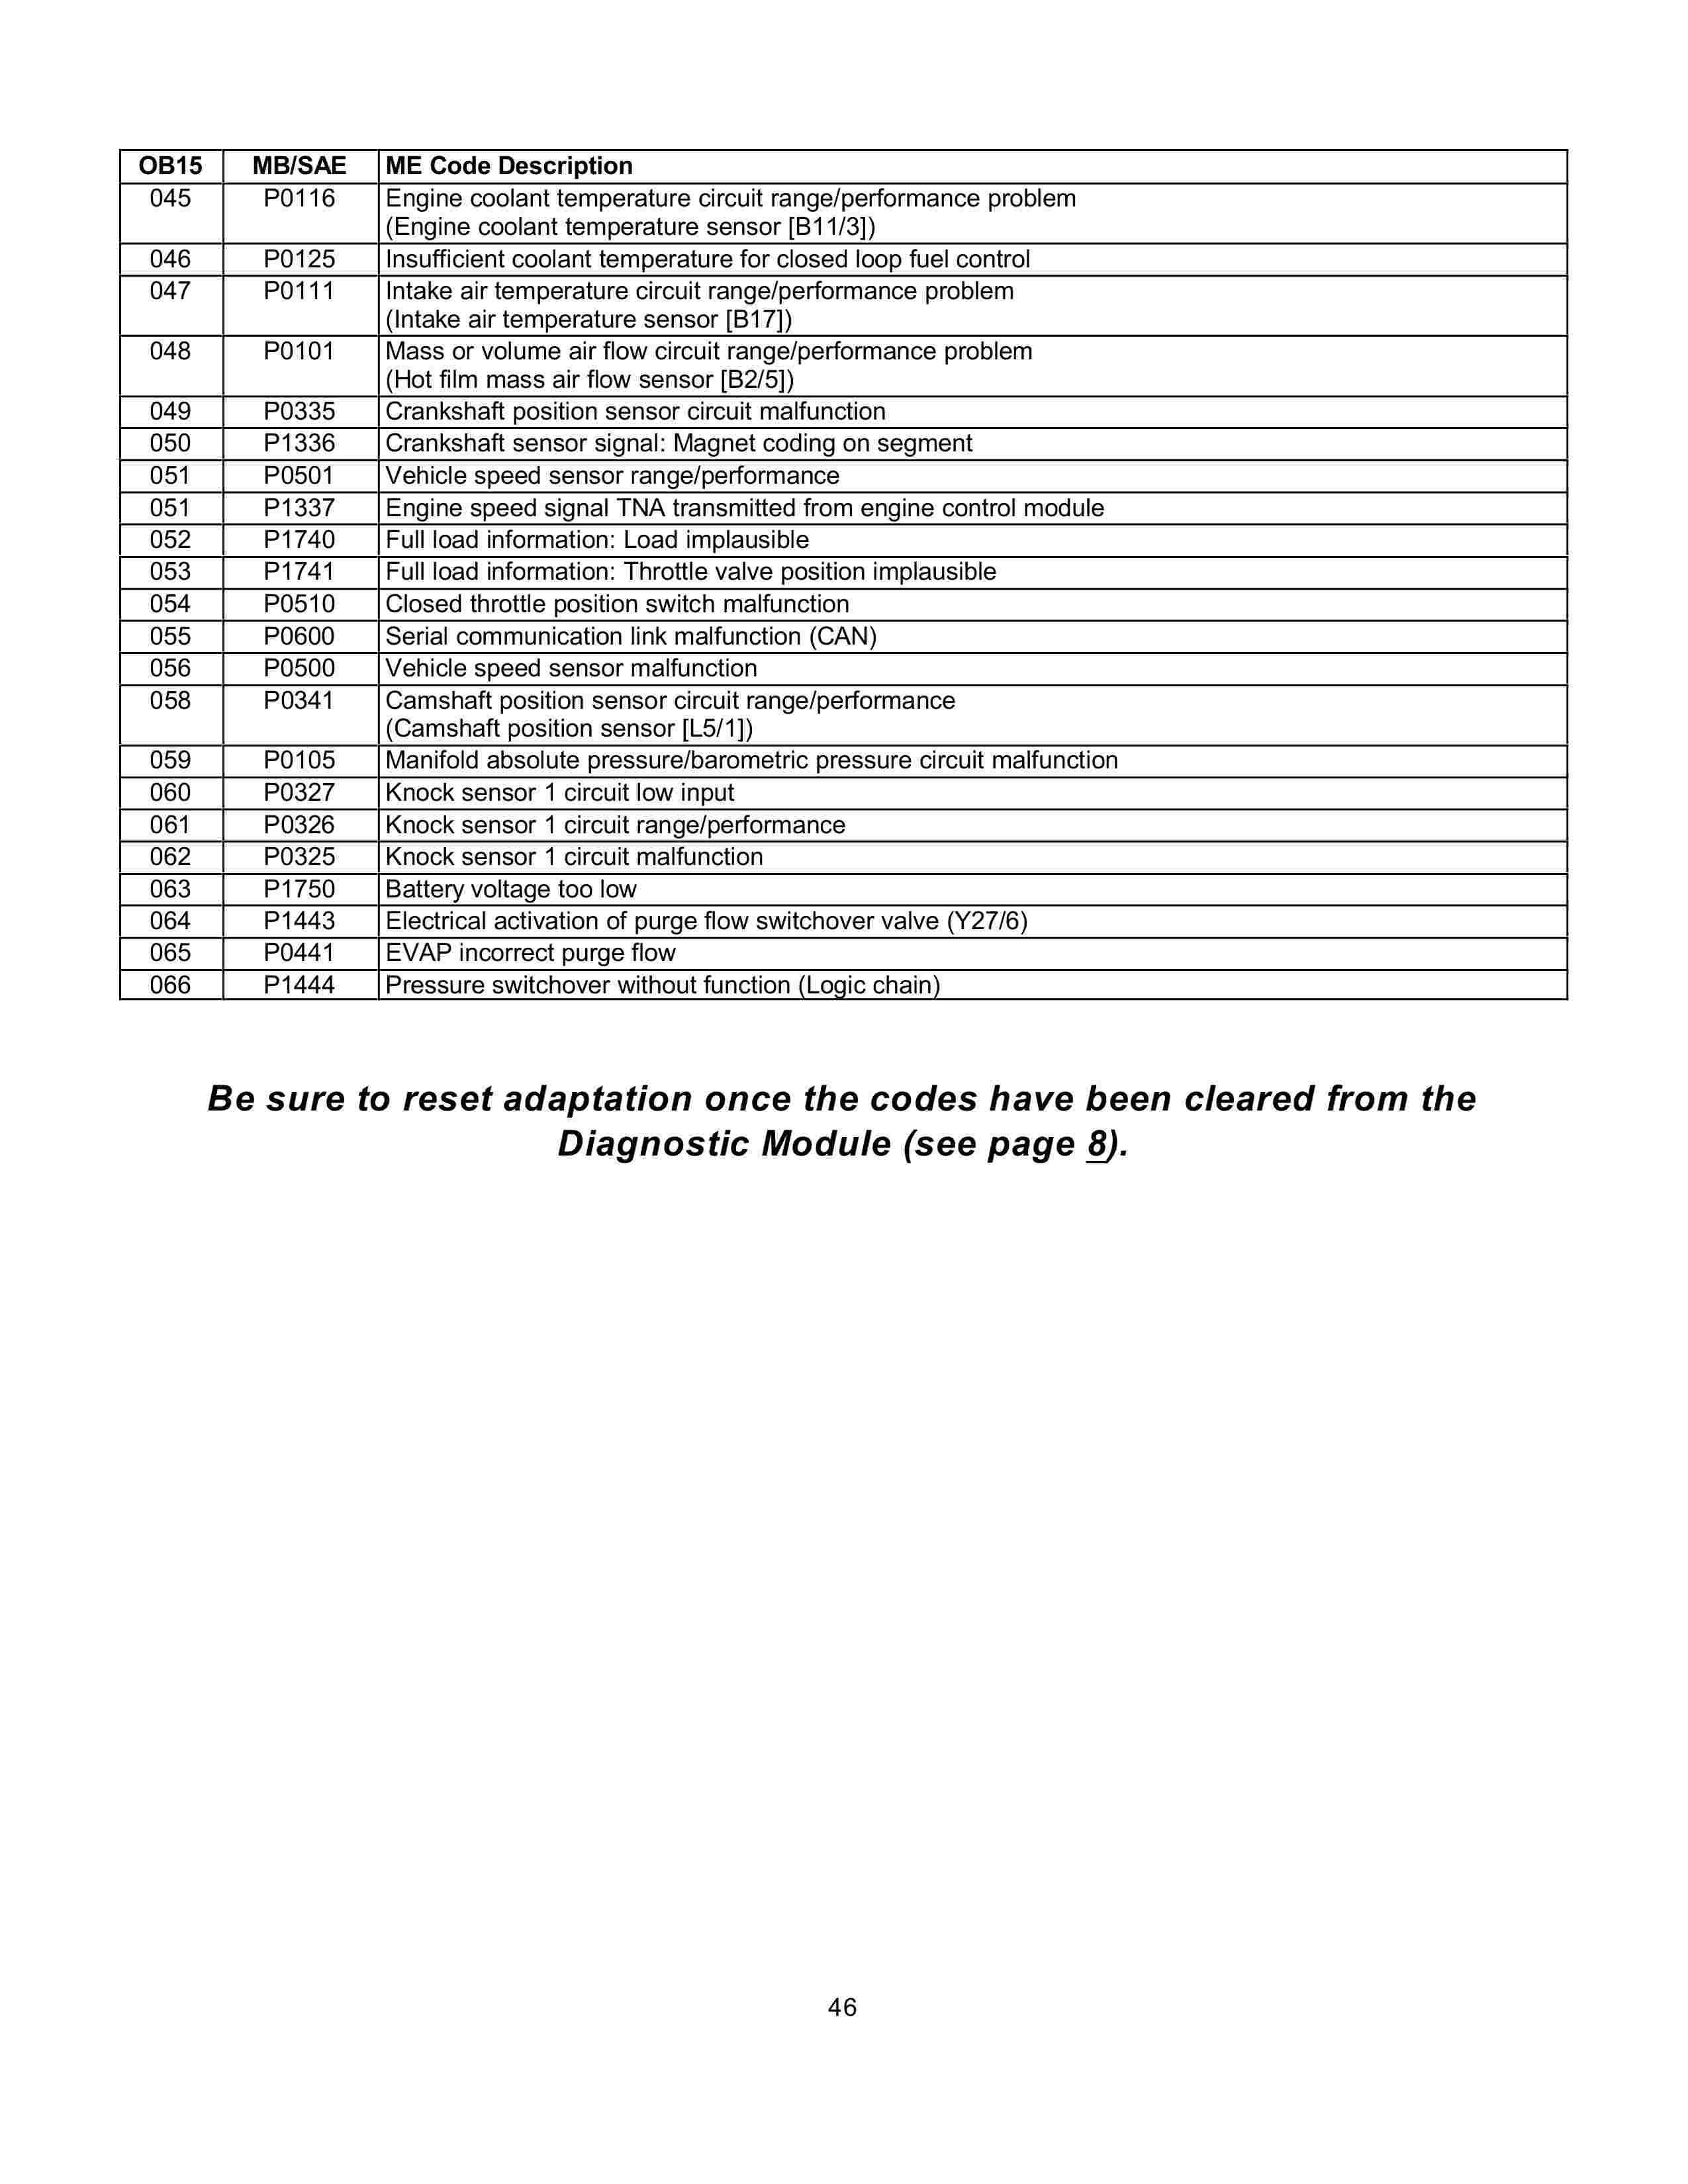 (AJUDA GERAL): Manual de códigos das falhas - analógico e digital - 1988 a 2000 004612